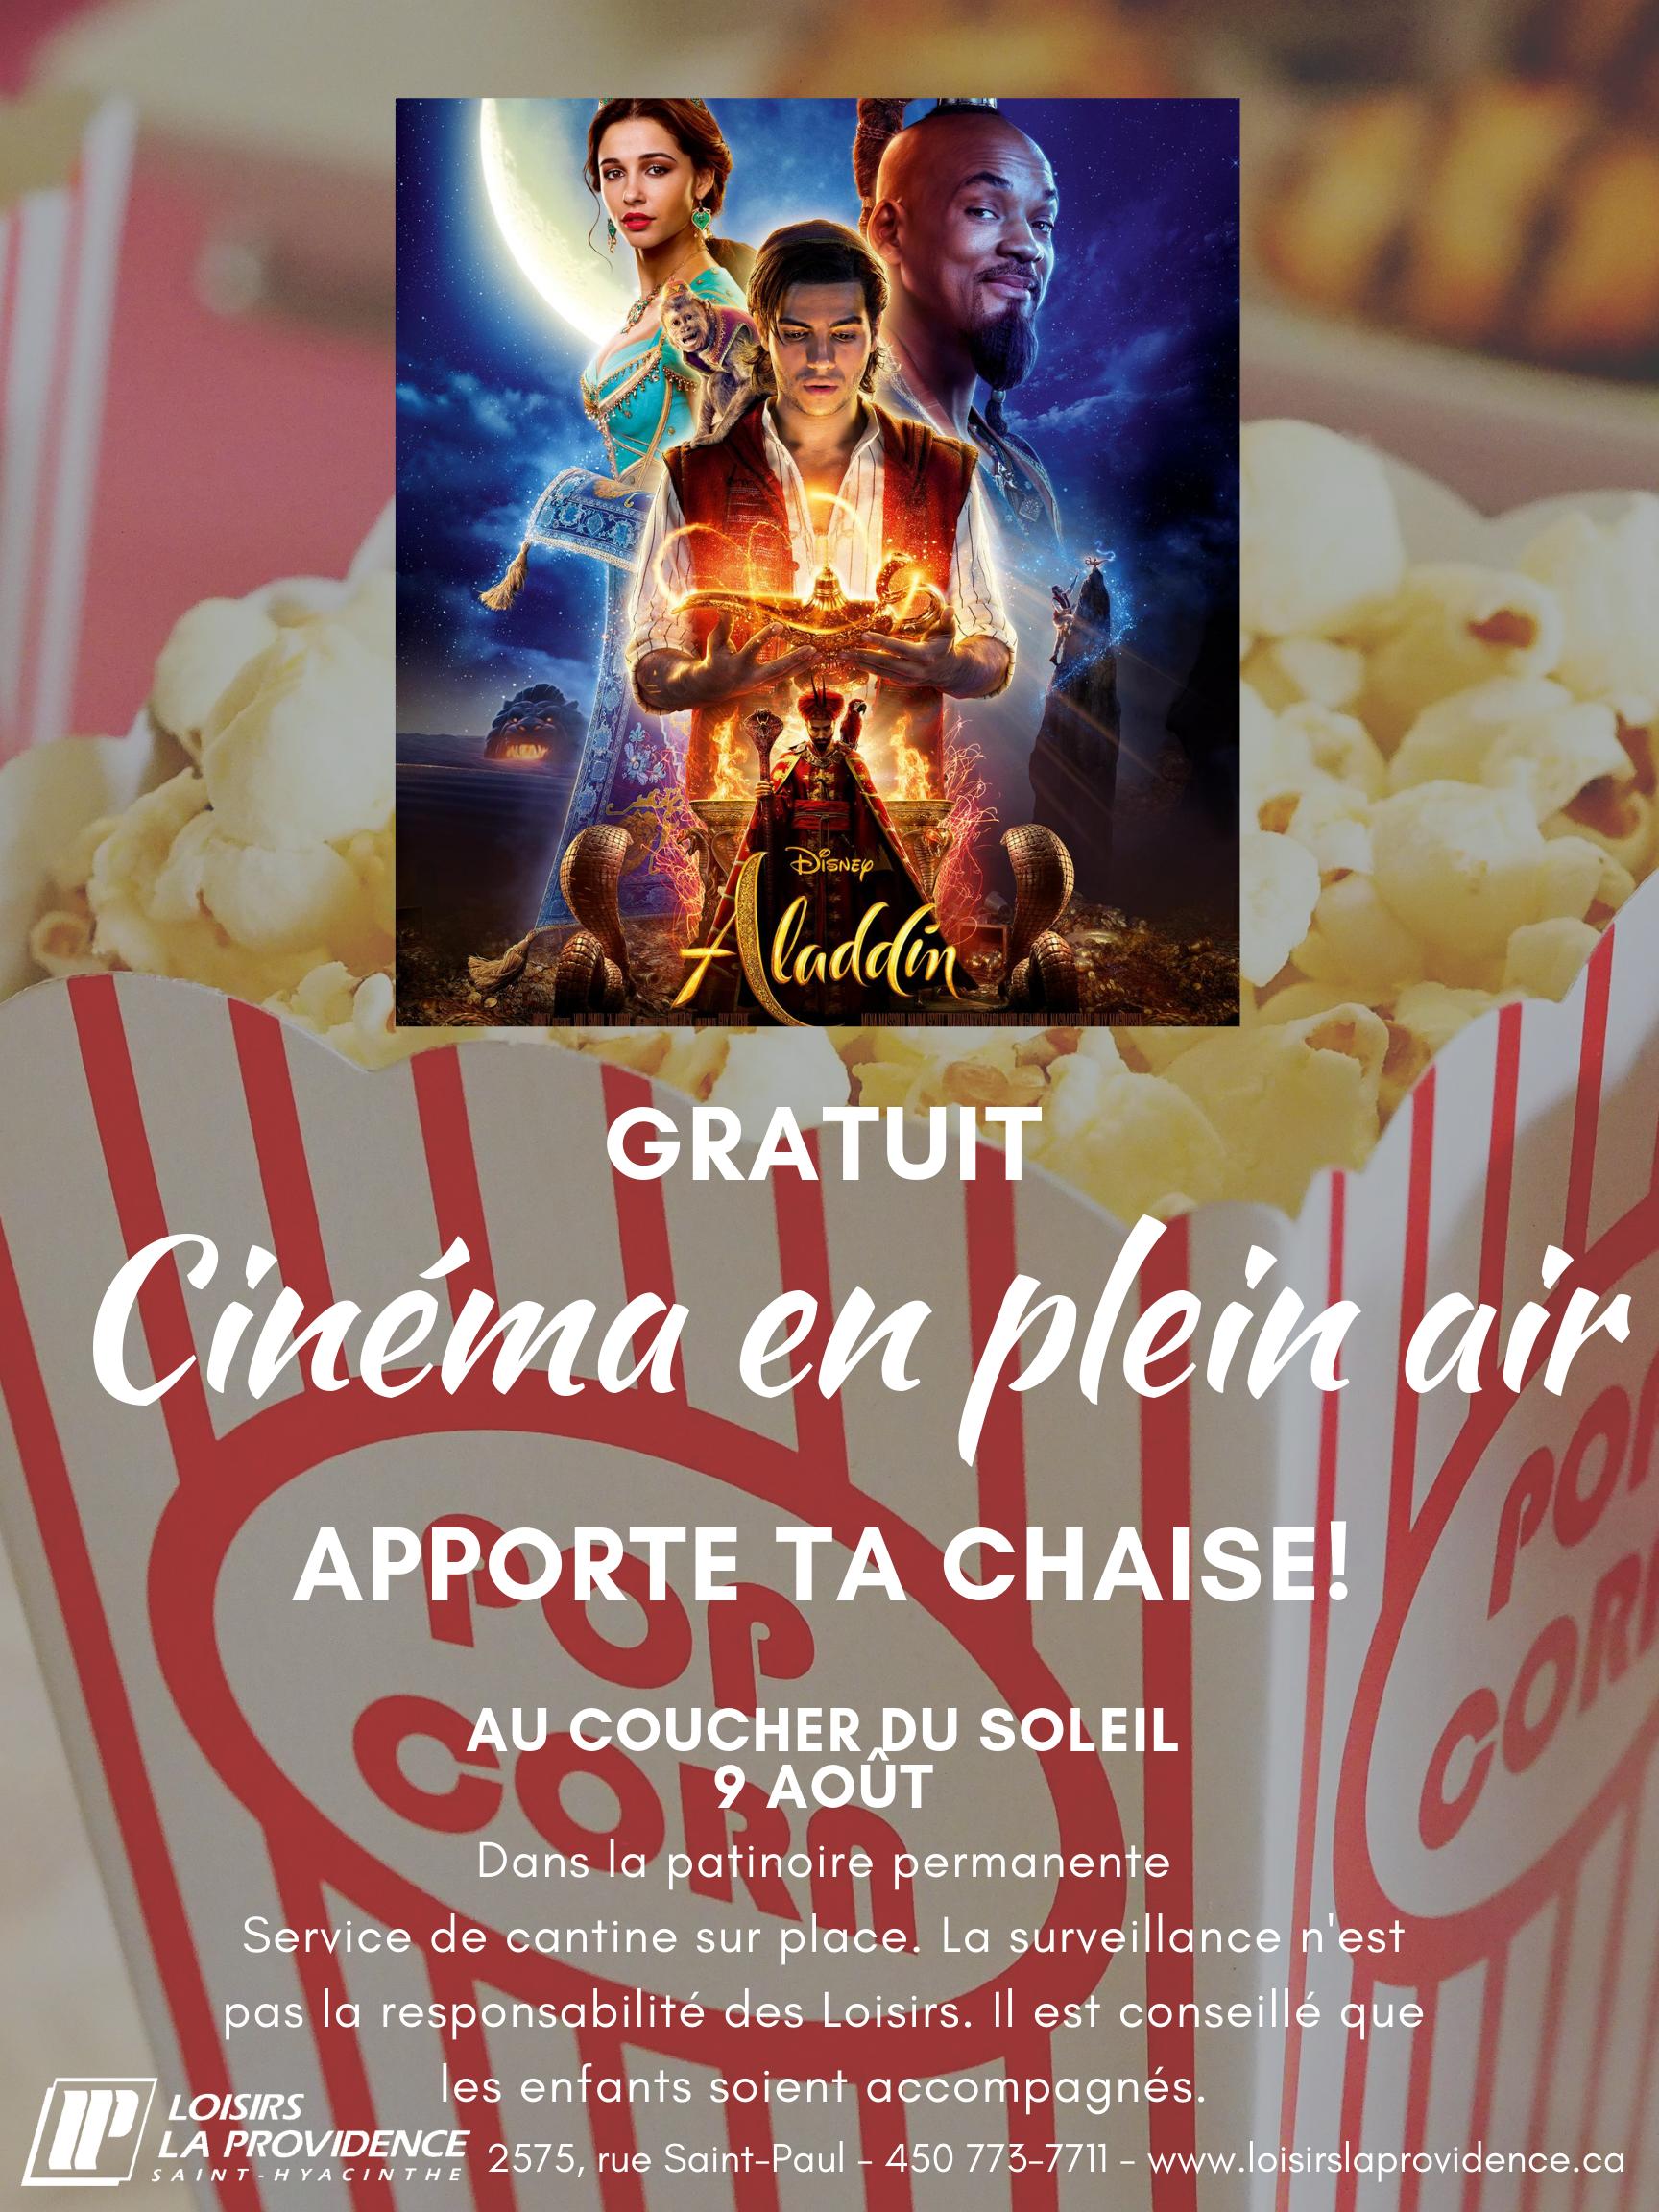 Cinéma (aladin) 9 août